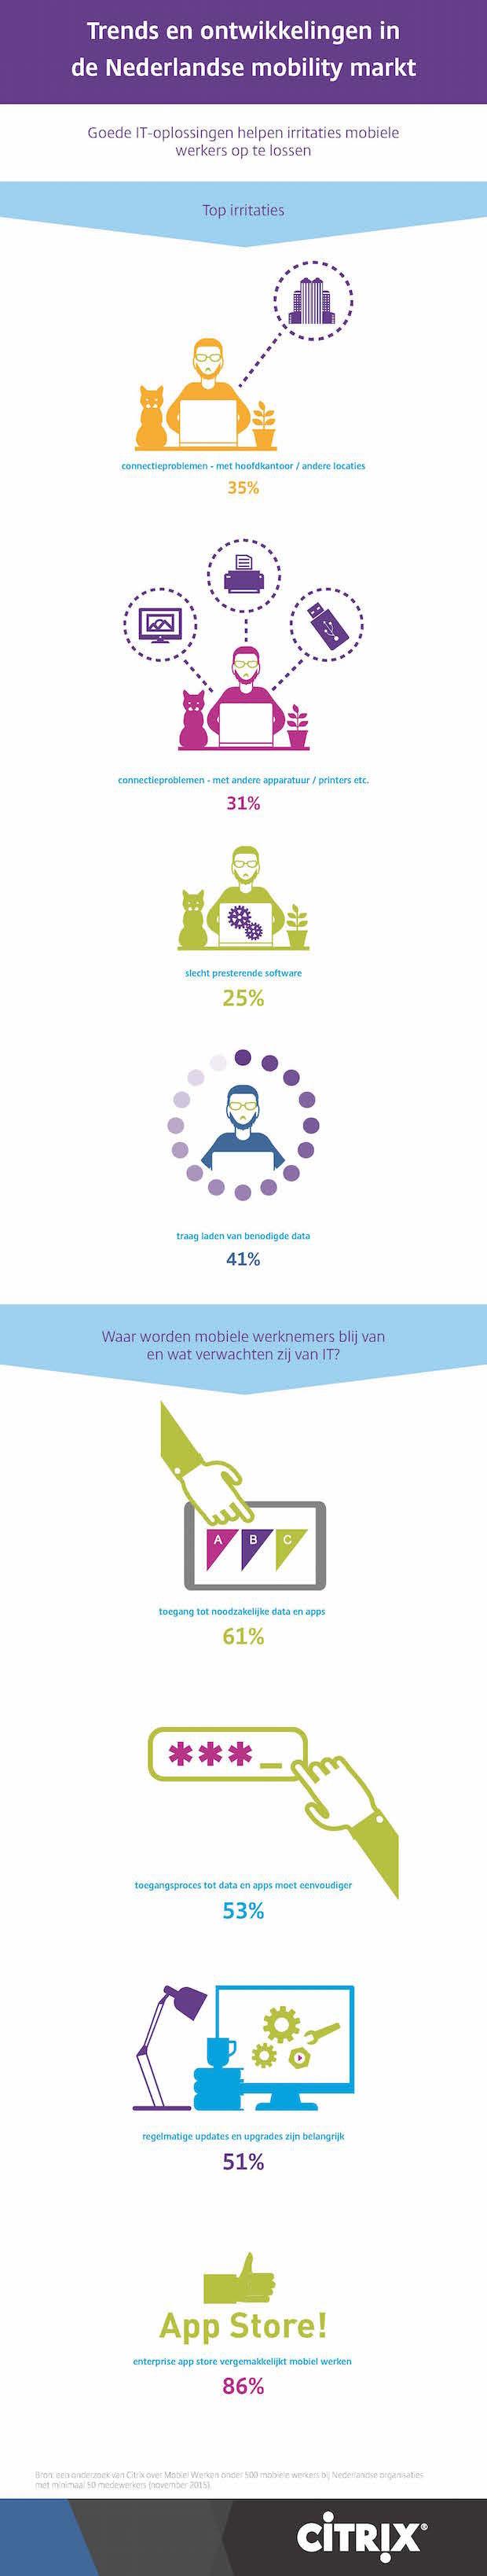 infographic_